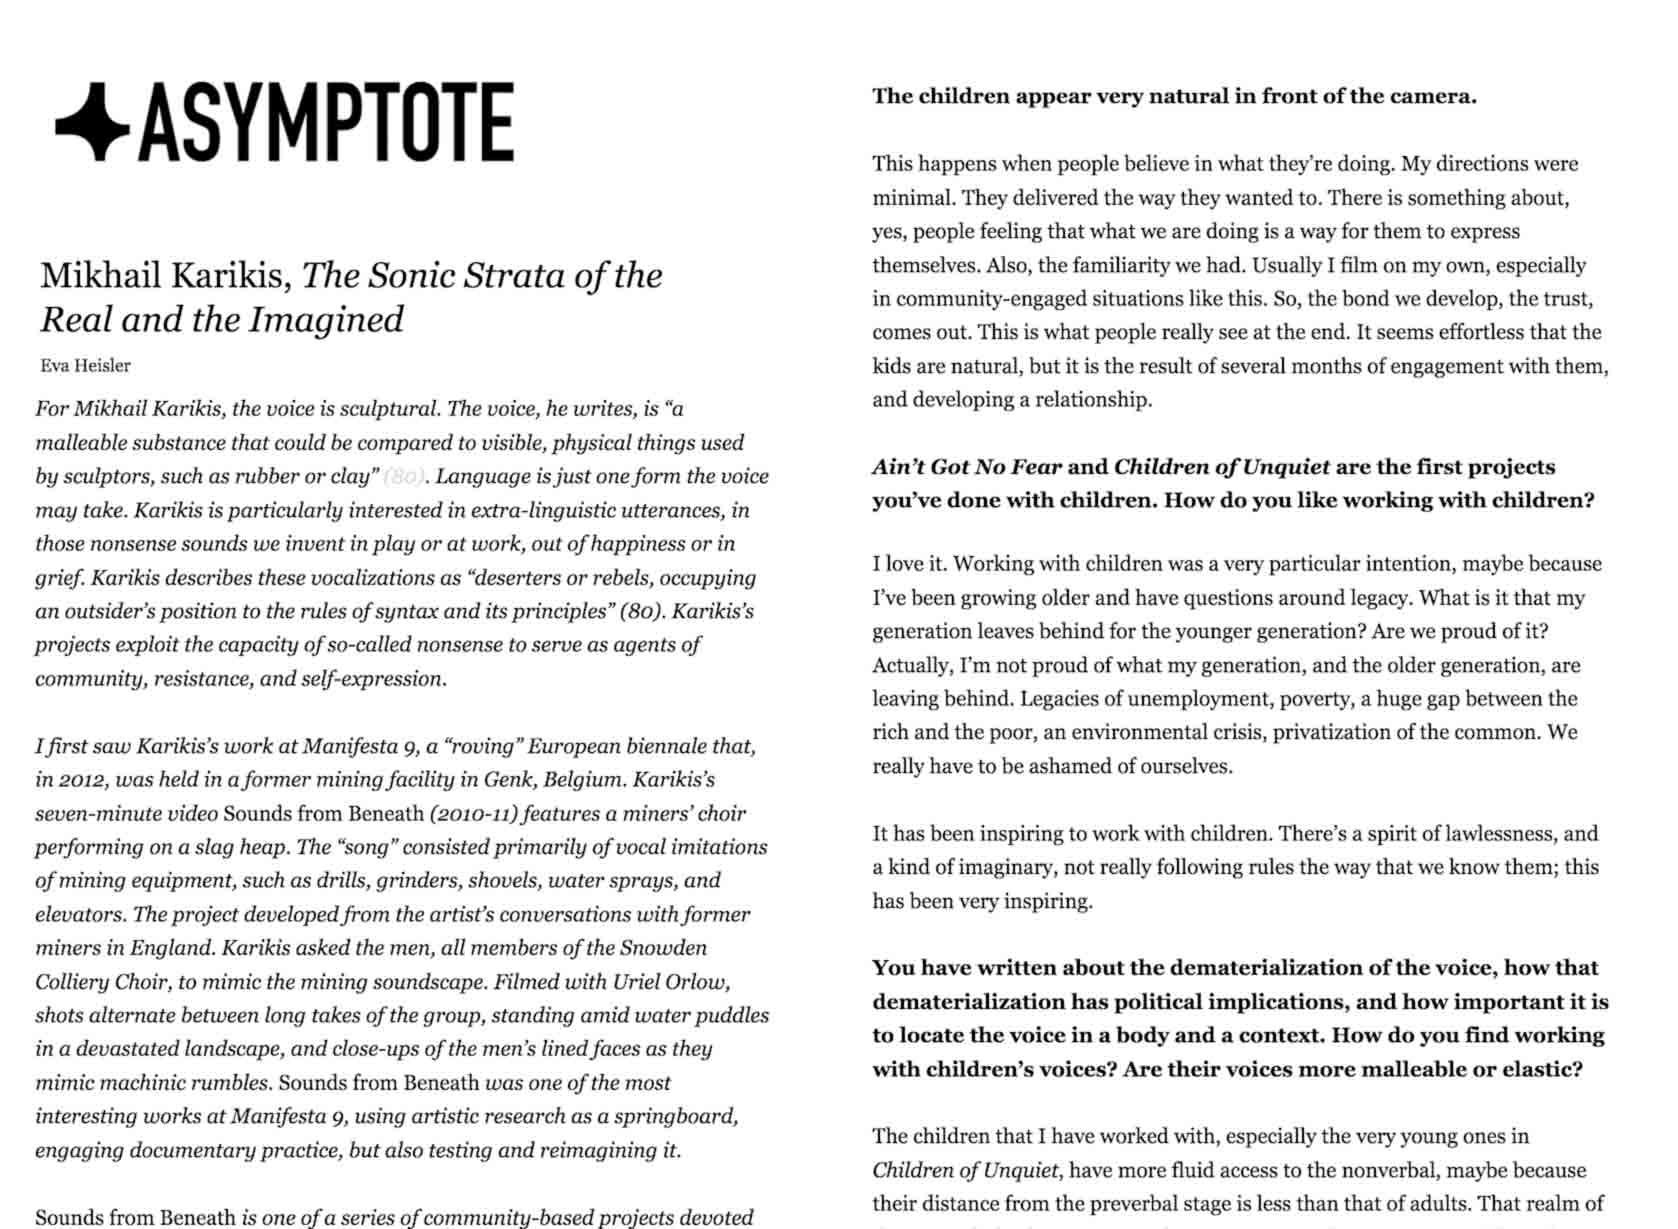 Asymptote Interview Casino Luxembourg Mikhail Karikis-Eva Heisler